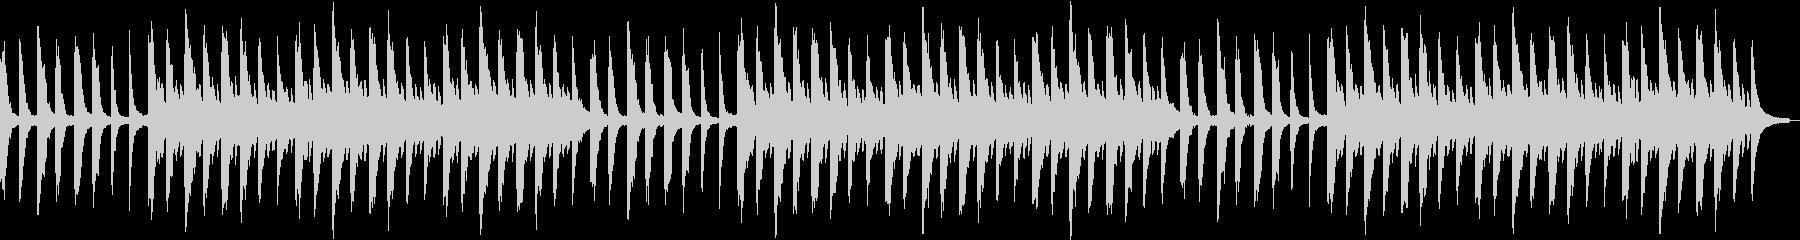 幻想的で切ないピアノの旋律の未再生の波形